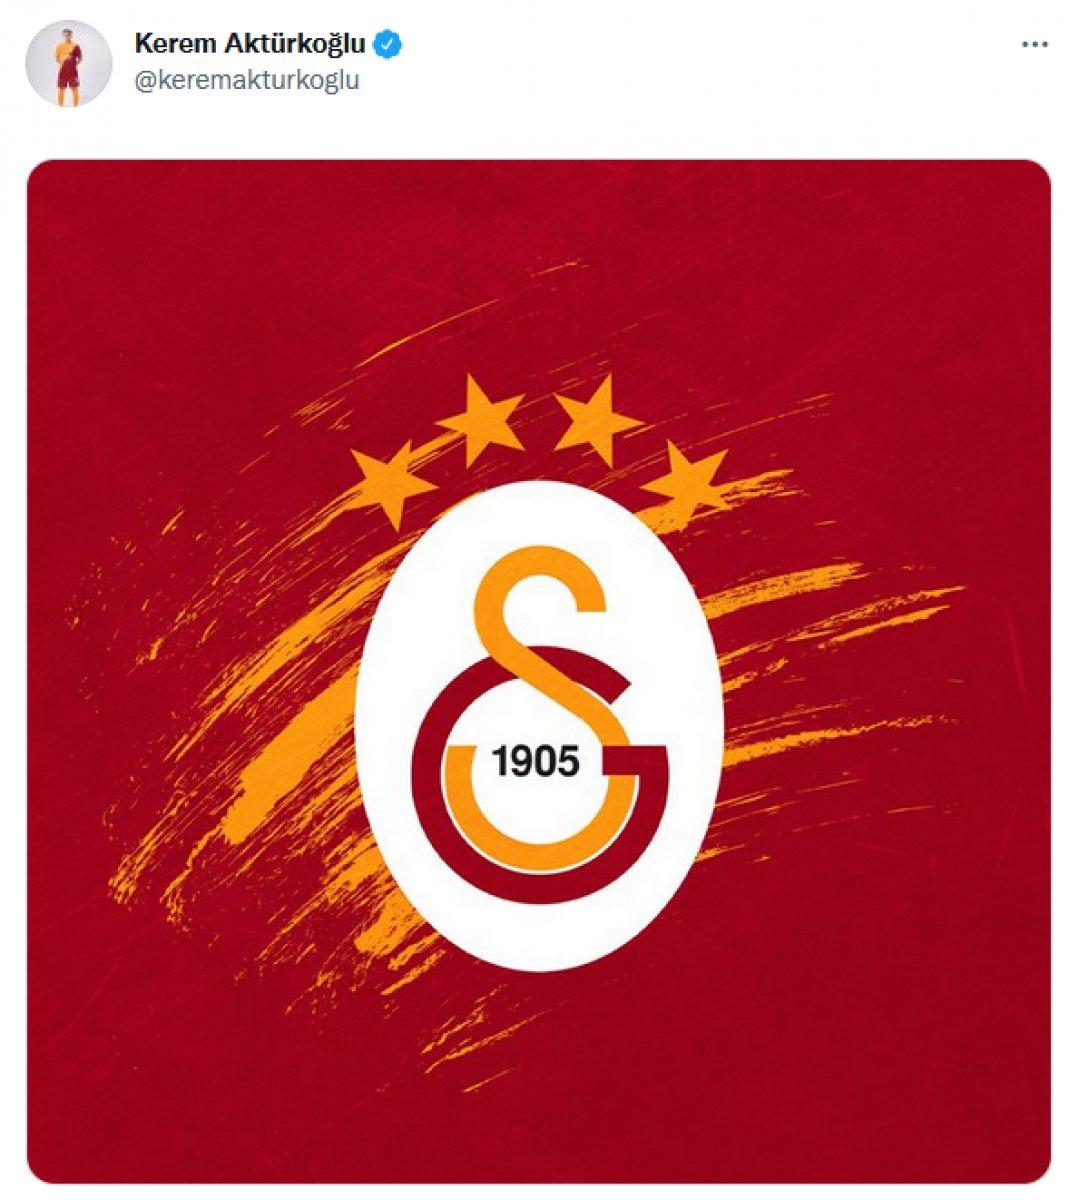 Kerem Aktürkoğlu ndan paylaşım #2